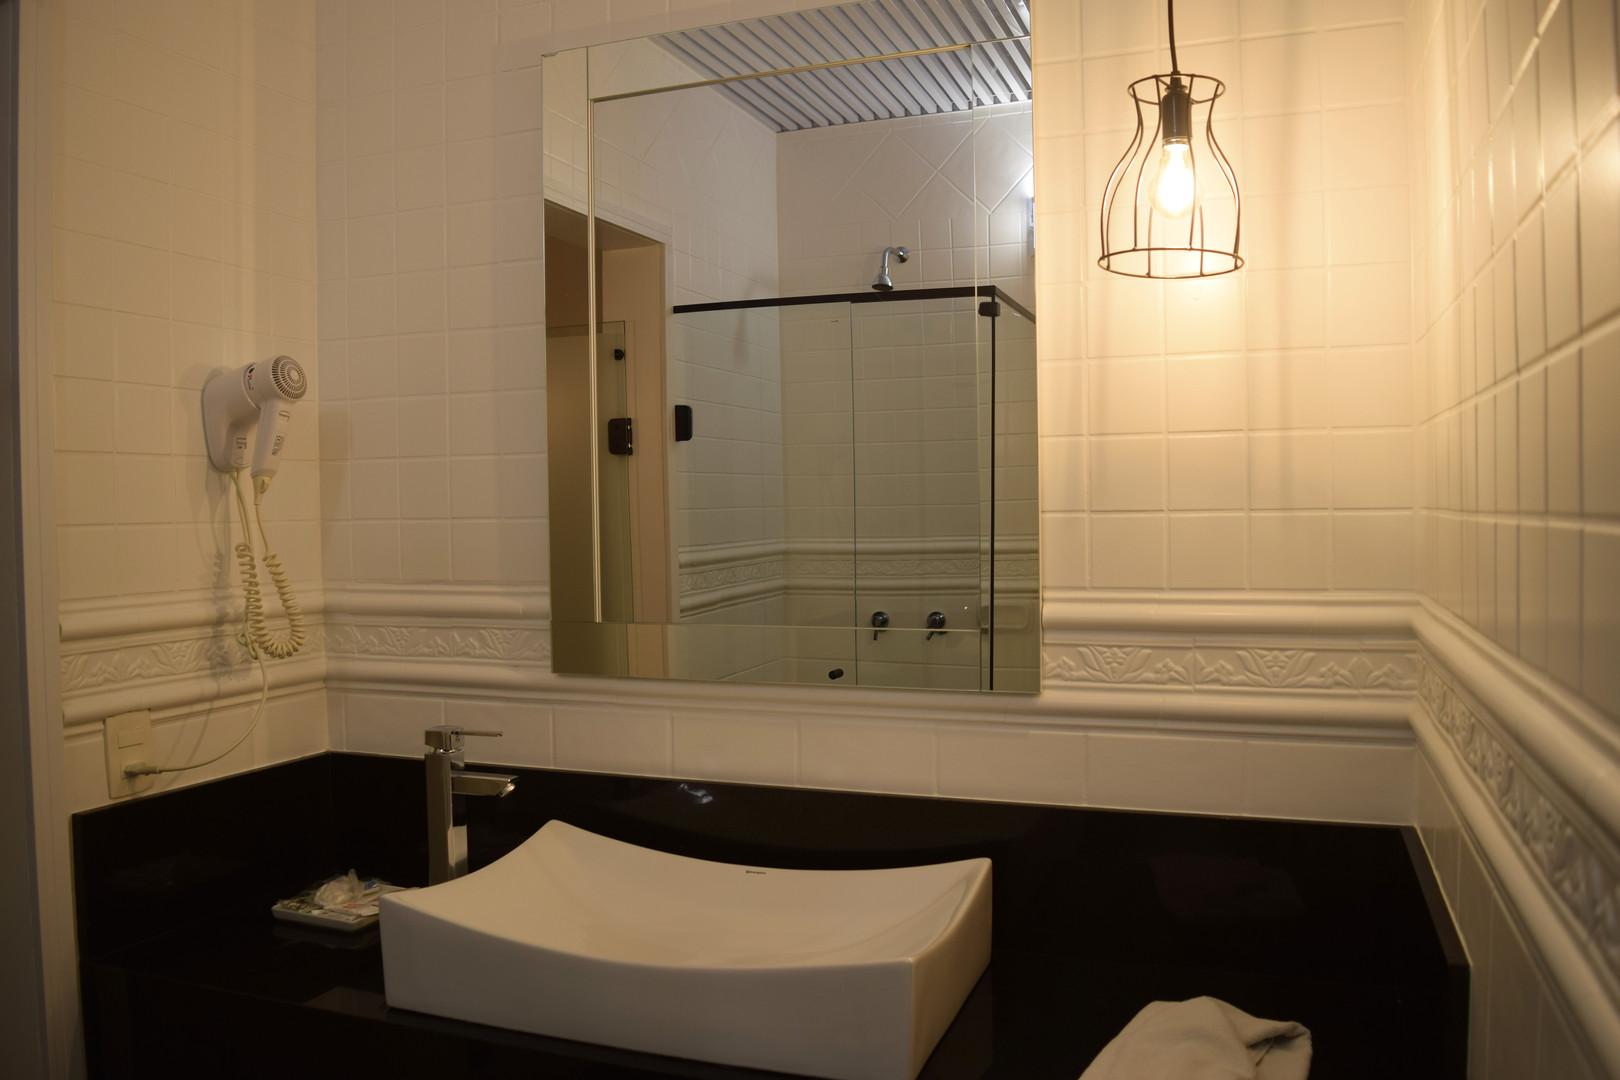 Banheiro sem hidro 2